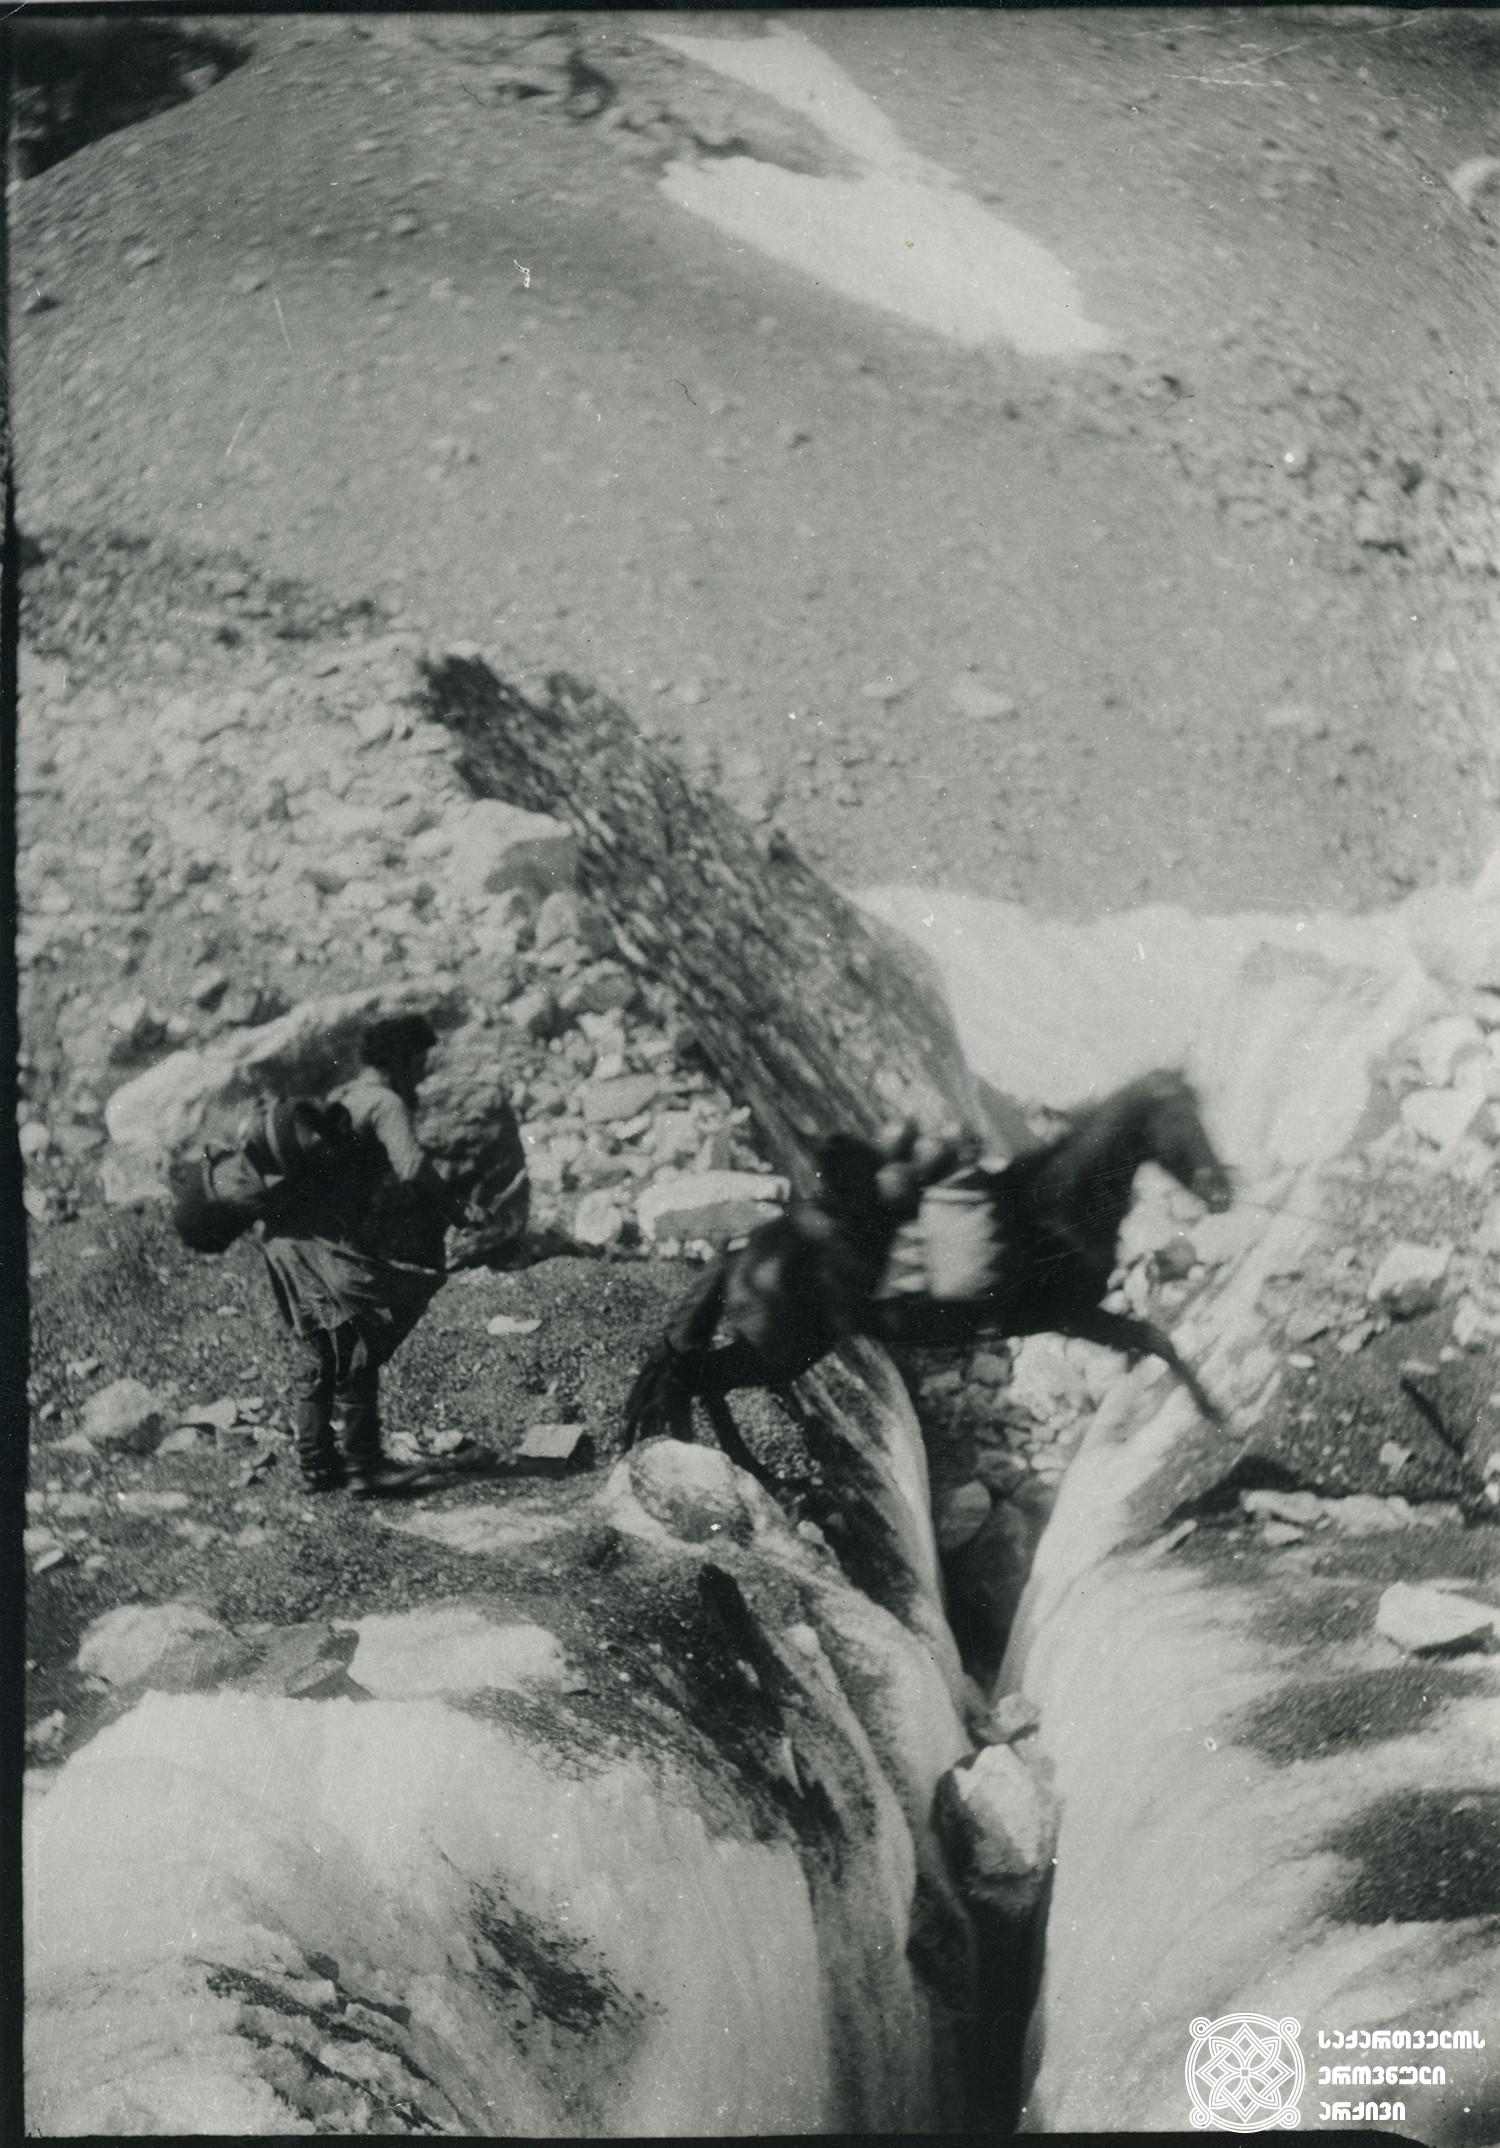 ცხენი, რომელიც მყინვარ ტვიბერის ნაპრალის თავზე ხტება. <br> Horse jumping over the cleft of glacier Tviberi.  <br> 1896.